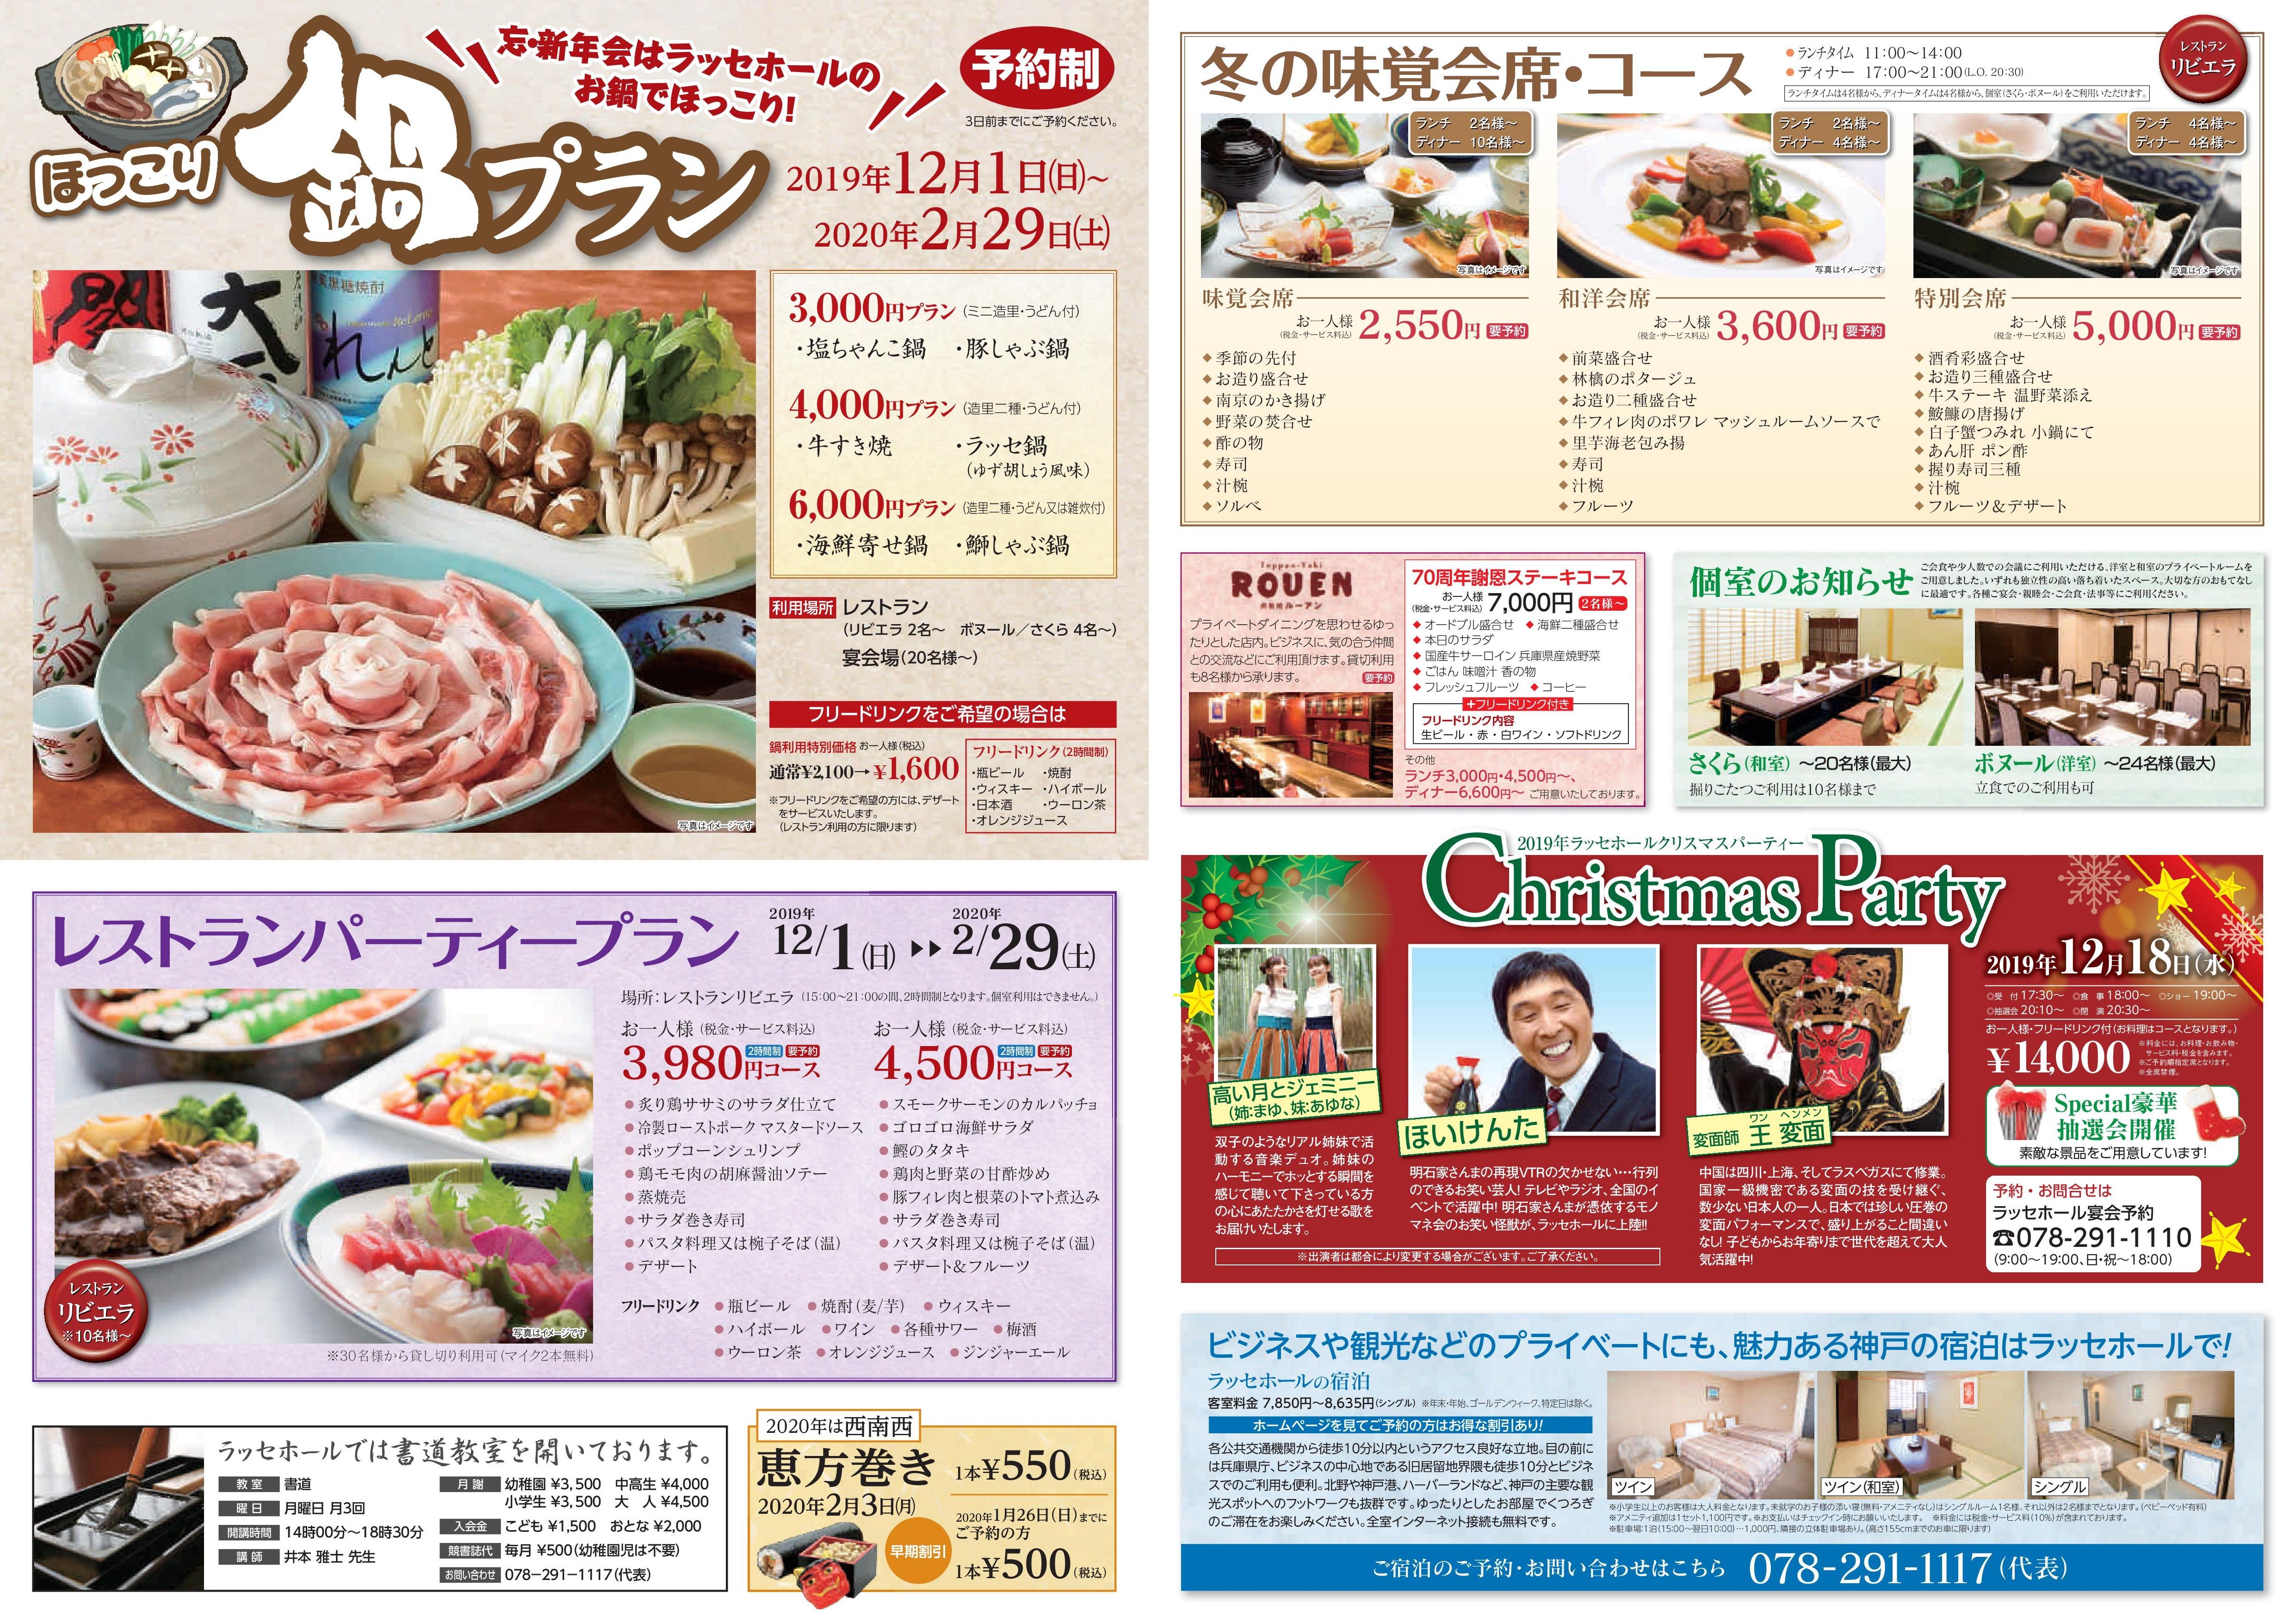 レストラン~冬のおすすめメニュー~